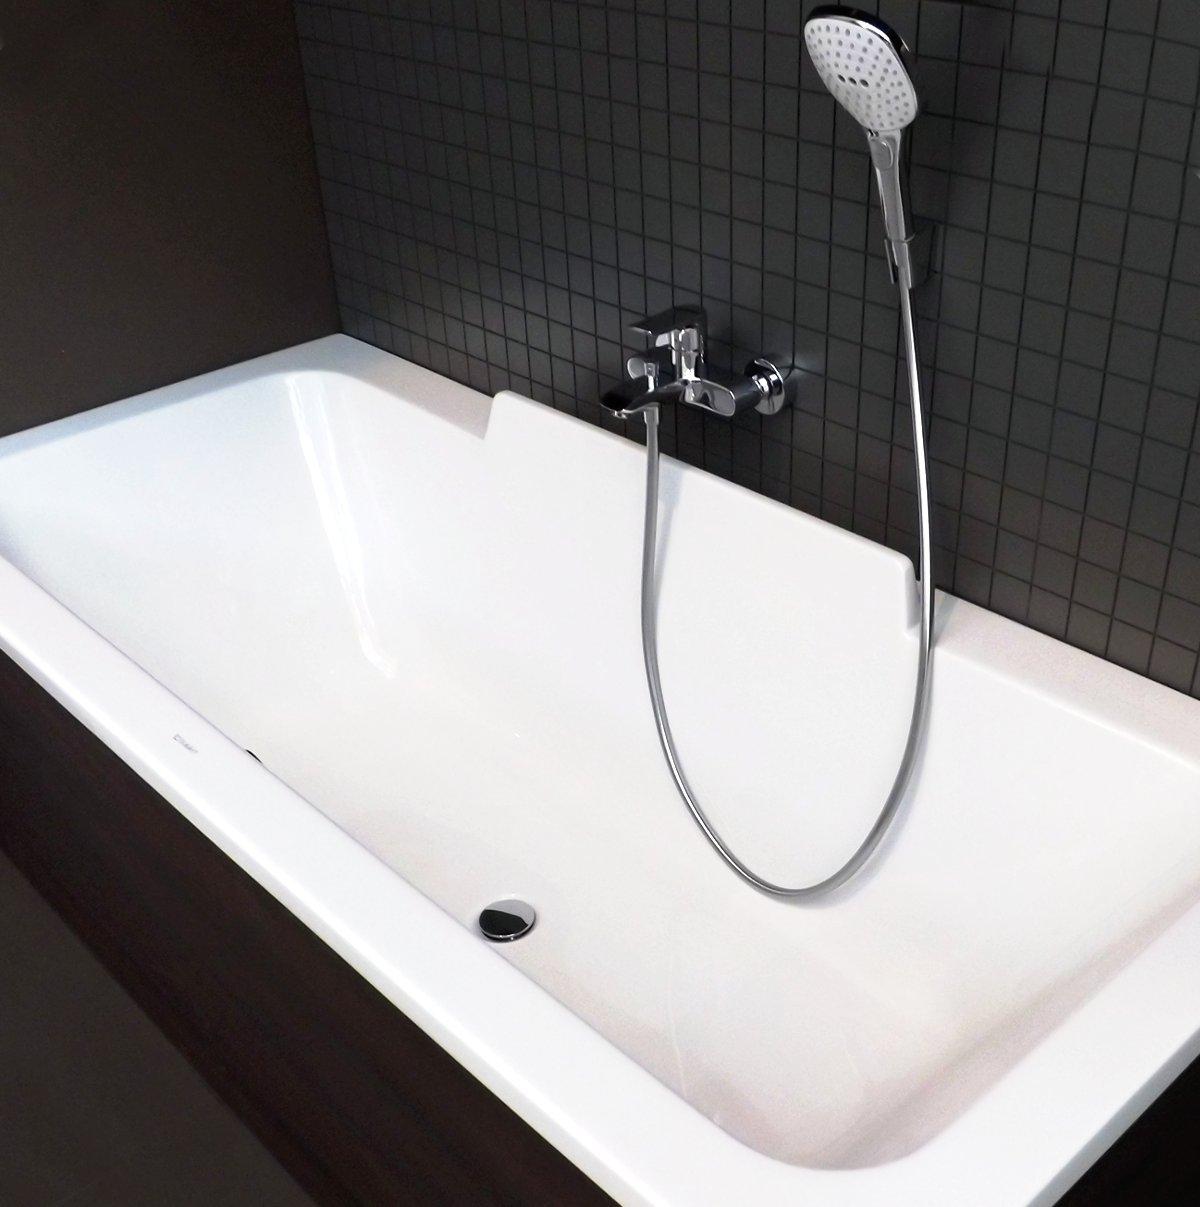 Пристенная ванна от Duravit на выставке MosBuild 2014